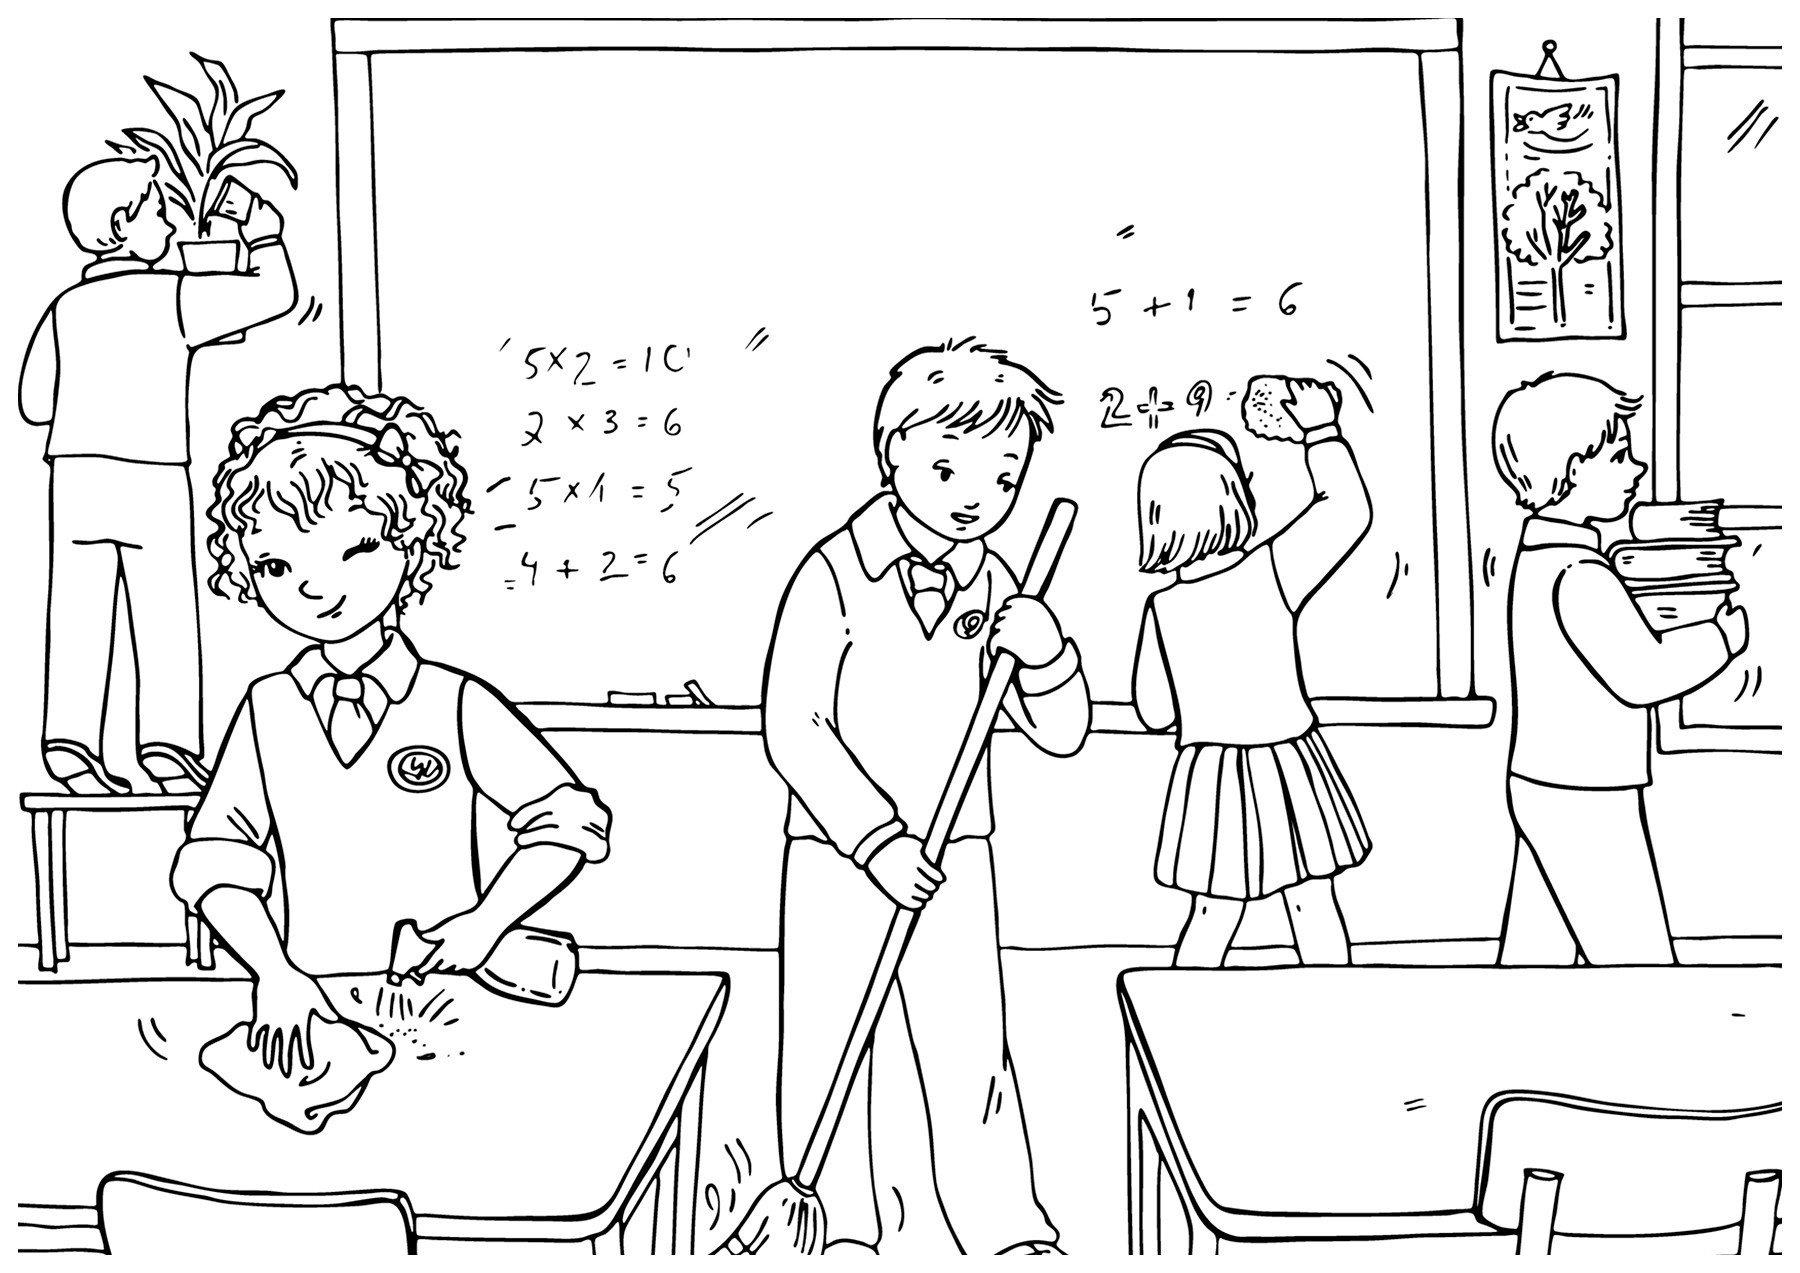 Картинка для раскраски «Уборка в классе»